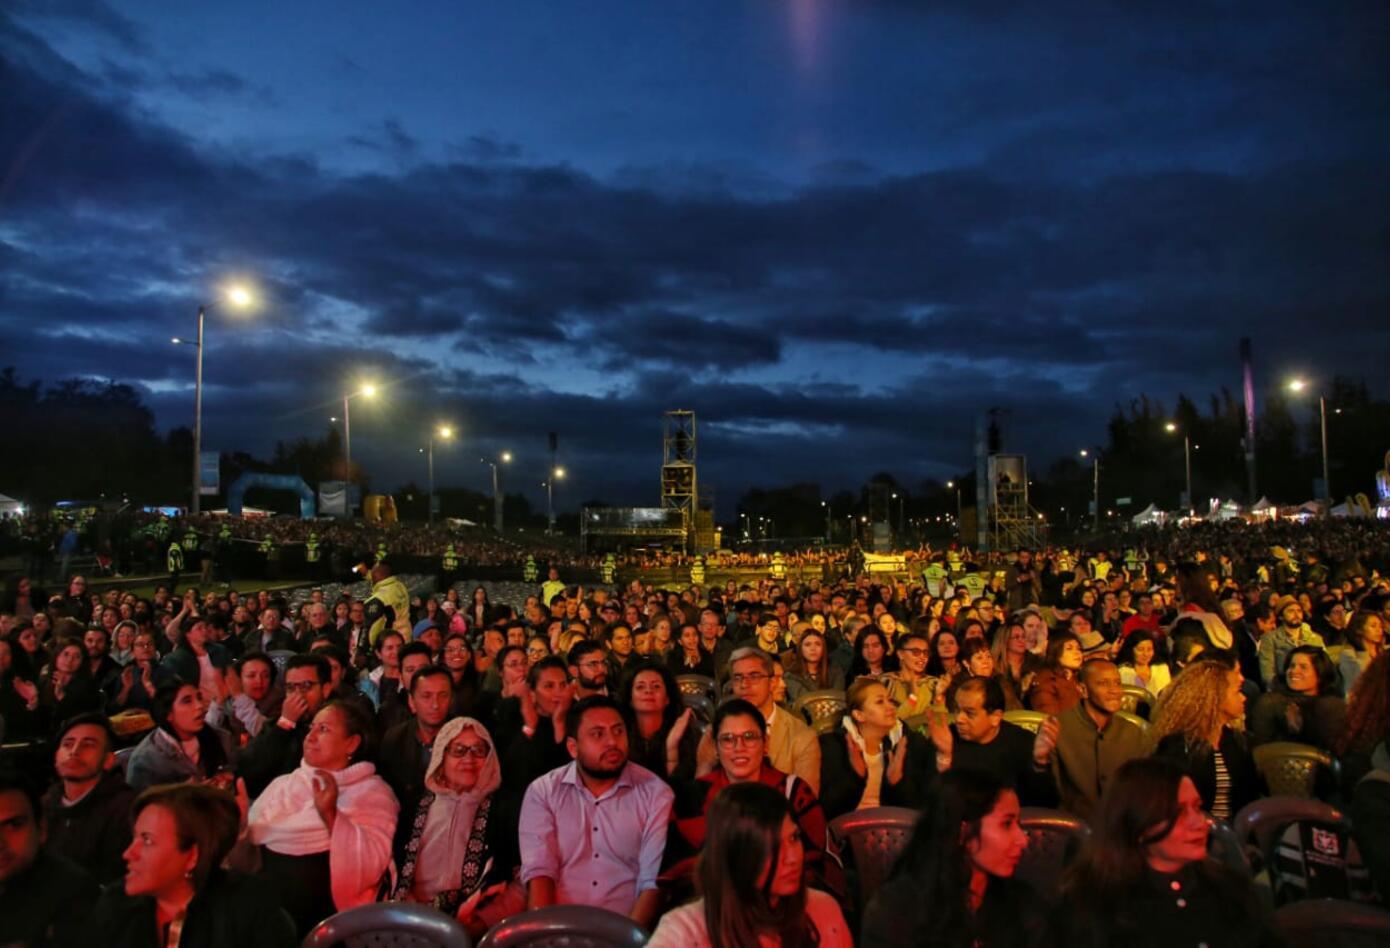 Concierto del Bicentenario en Bogotá.